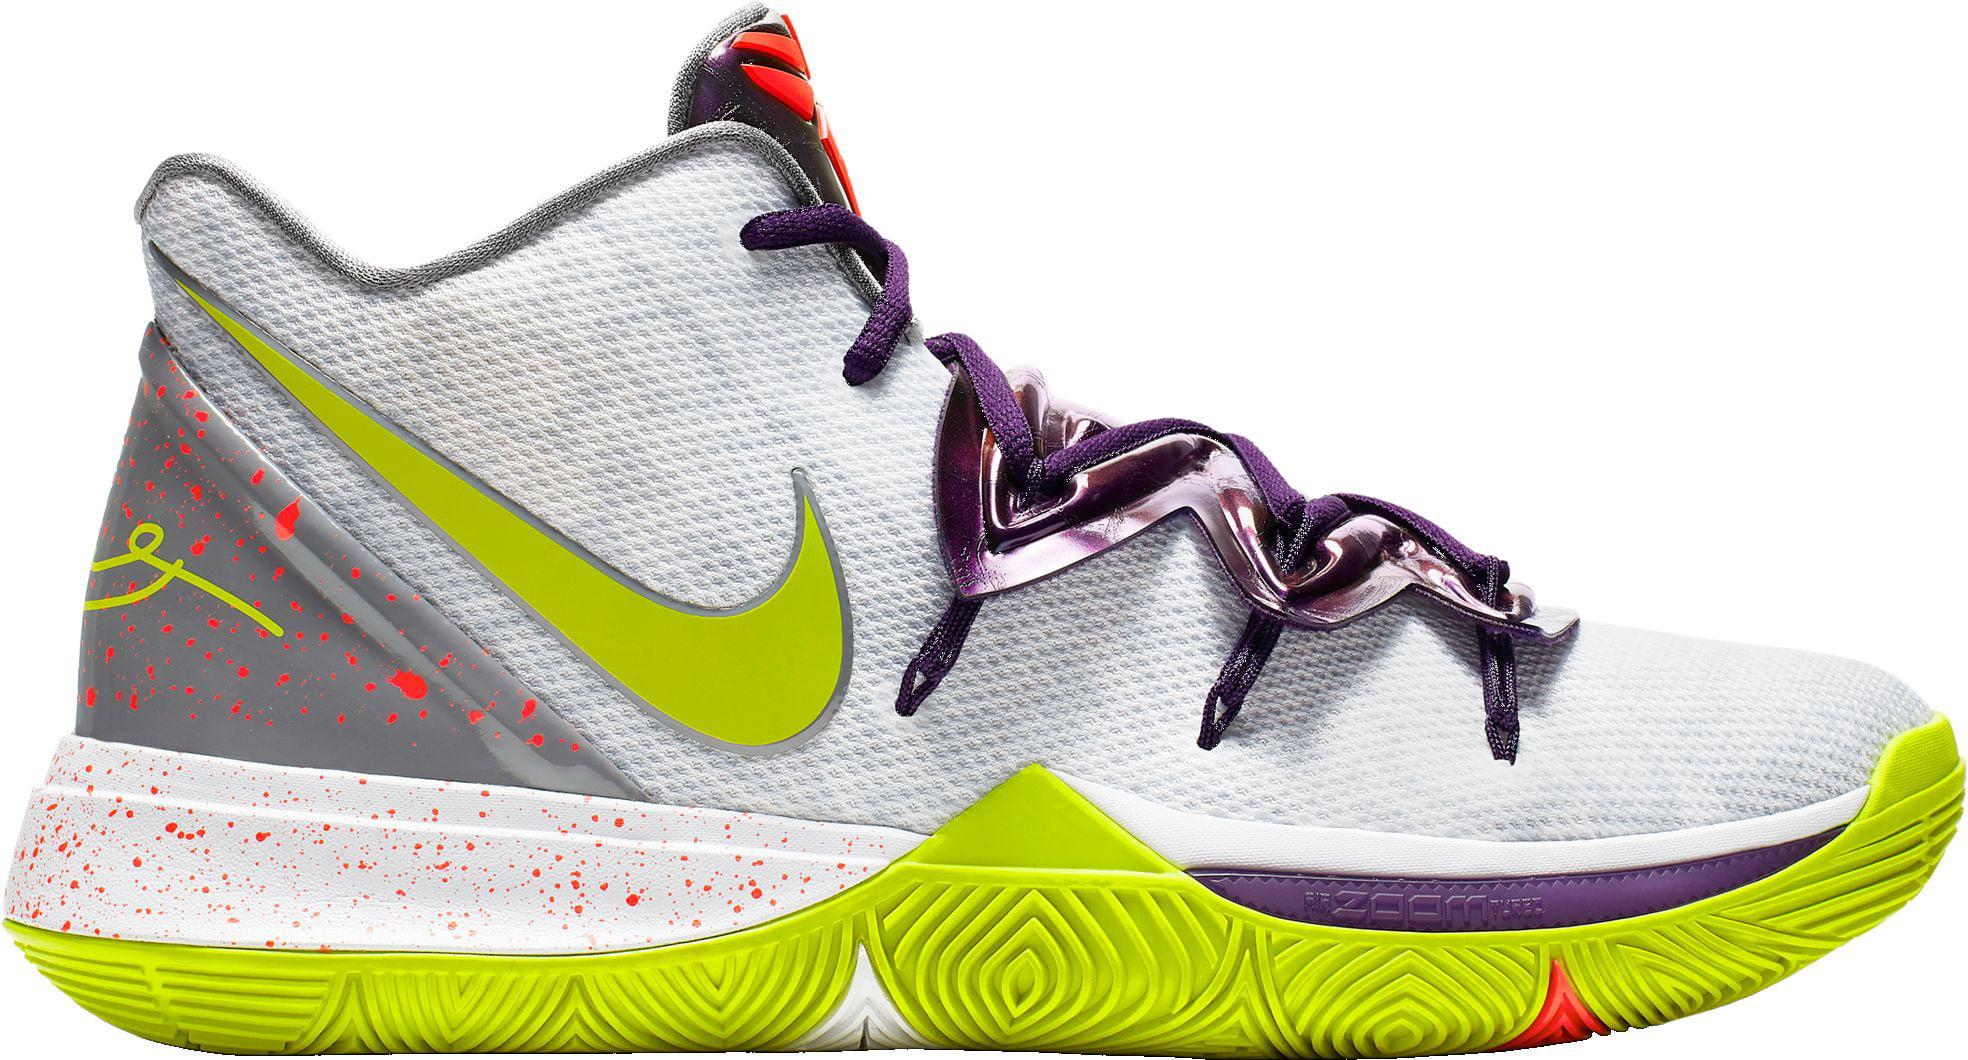 Nike Kyrie 5 Basketball Shoes - Walmart